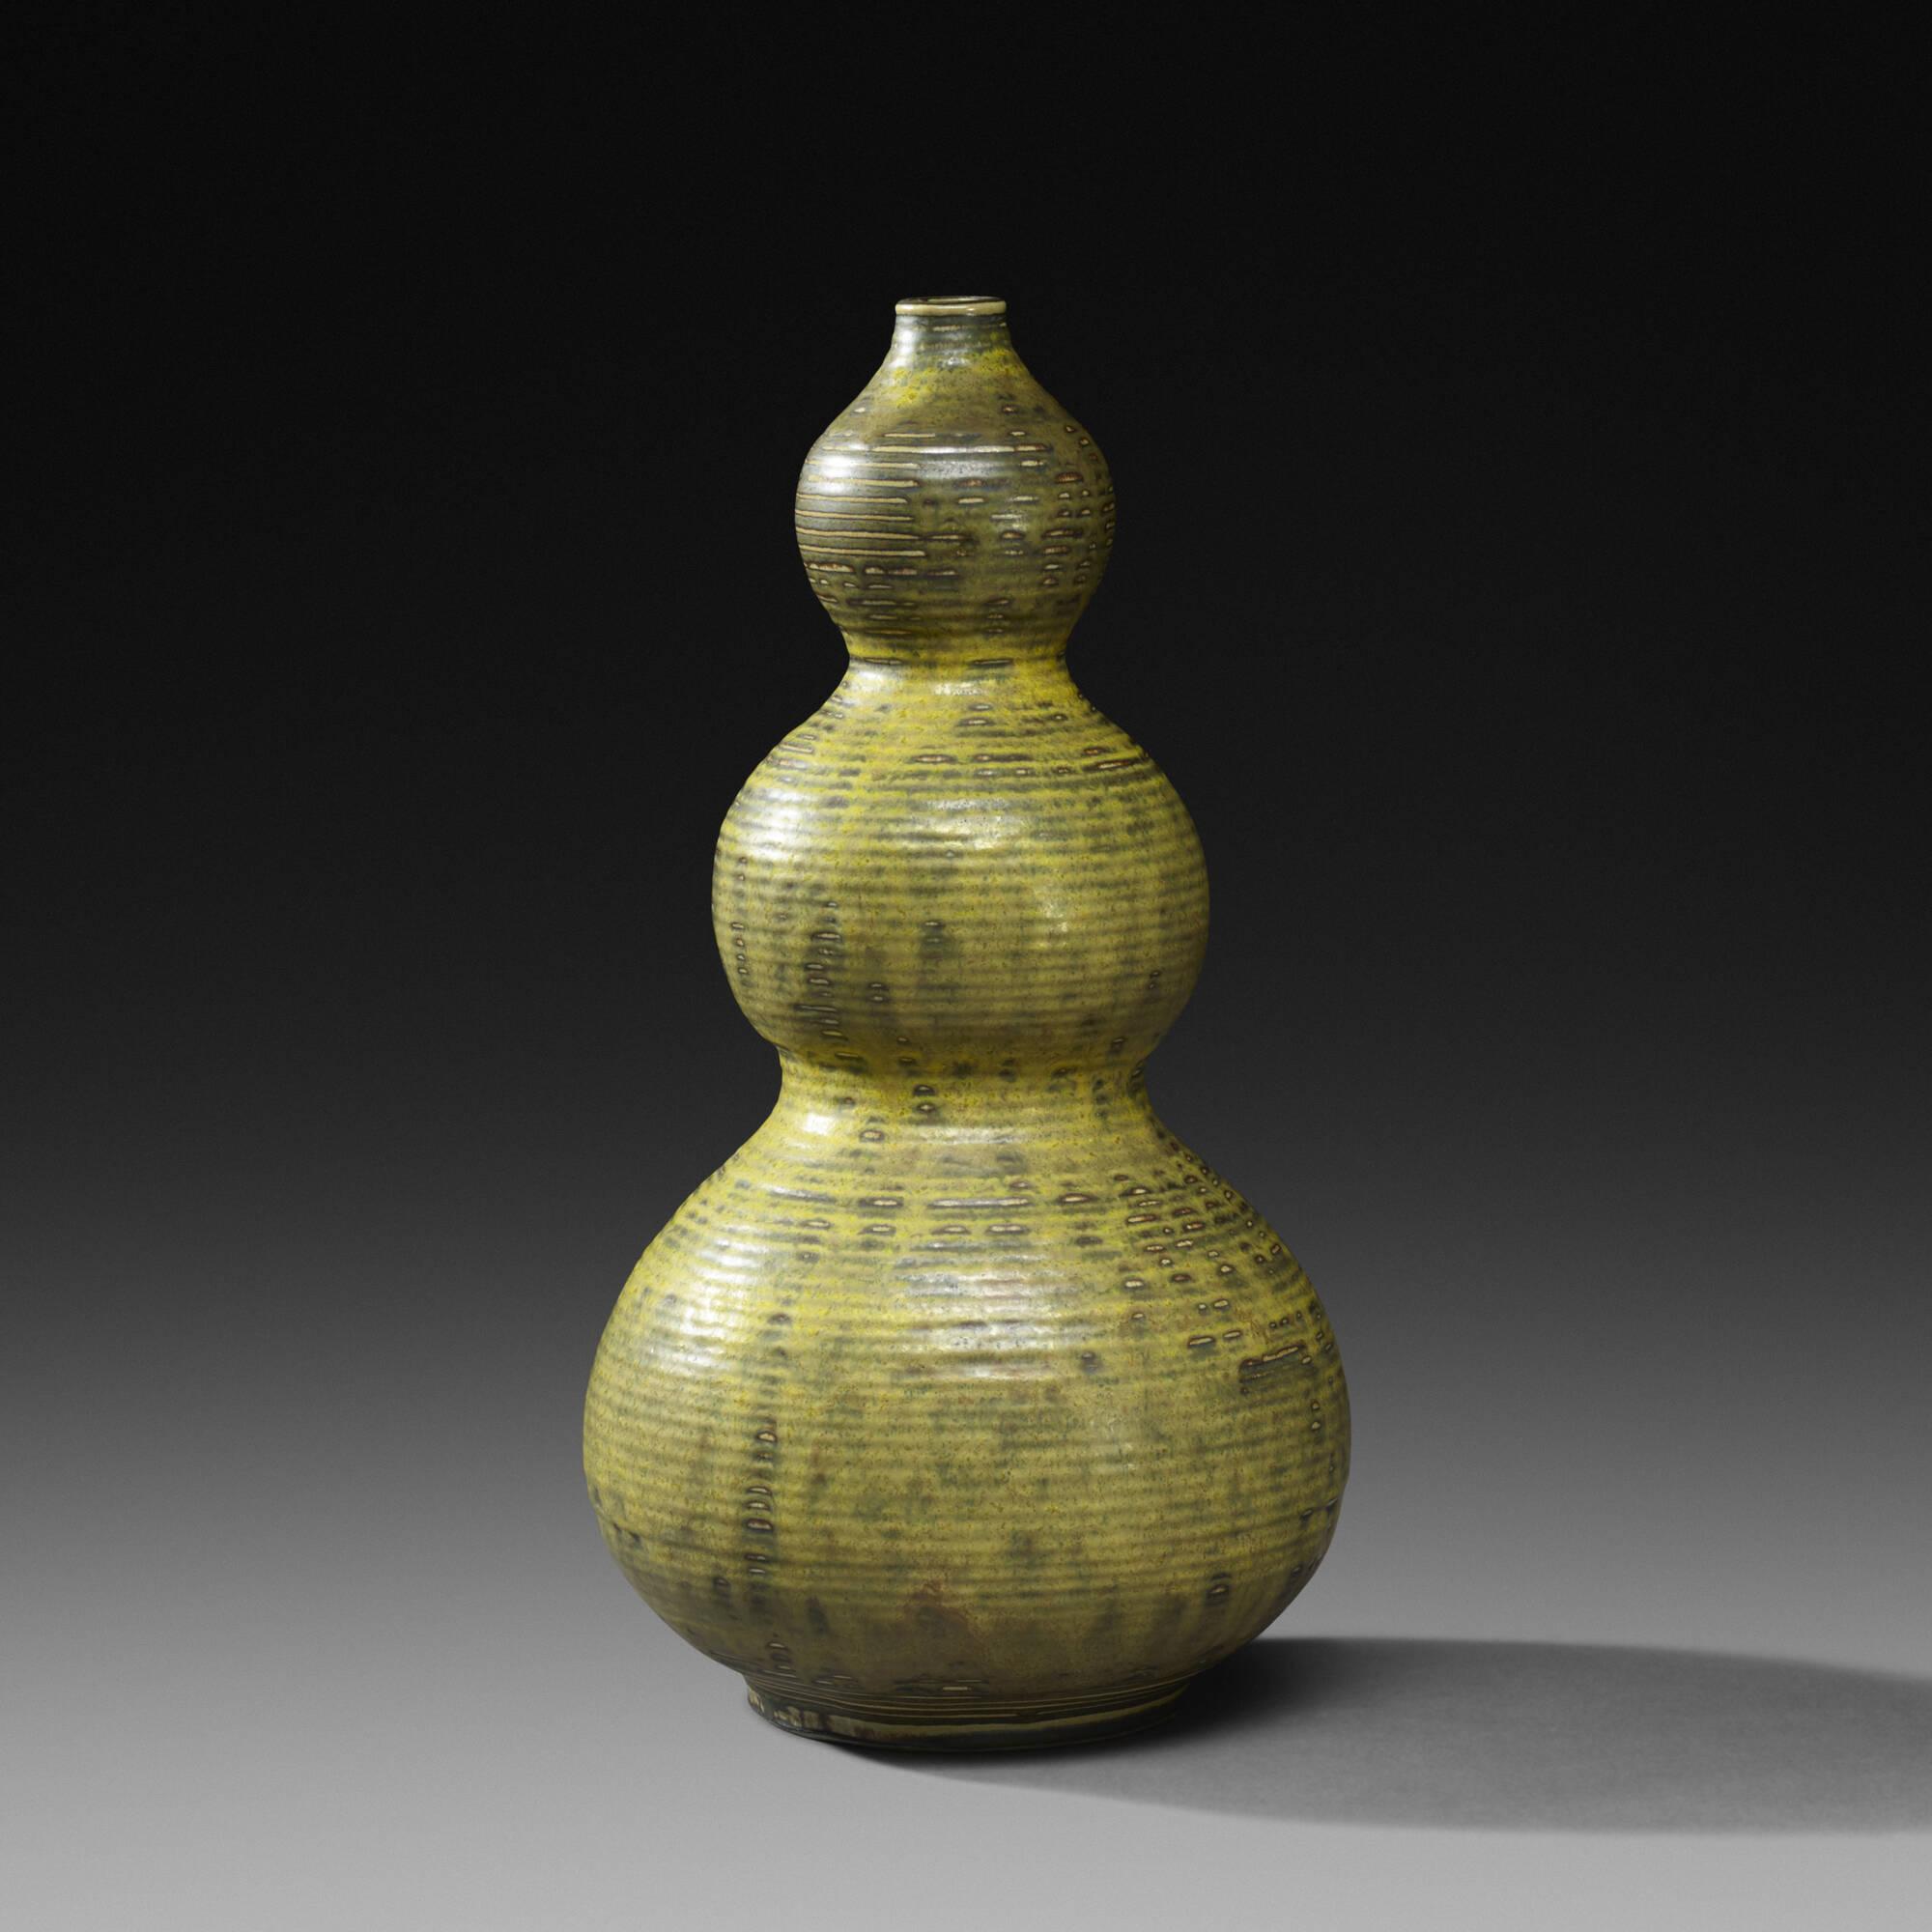 144: Axel Salto / Triple Gourd vase (1 of 2)